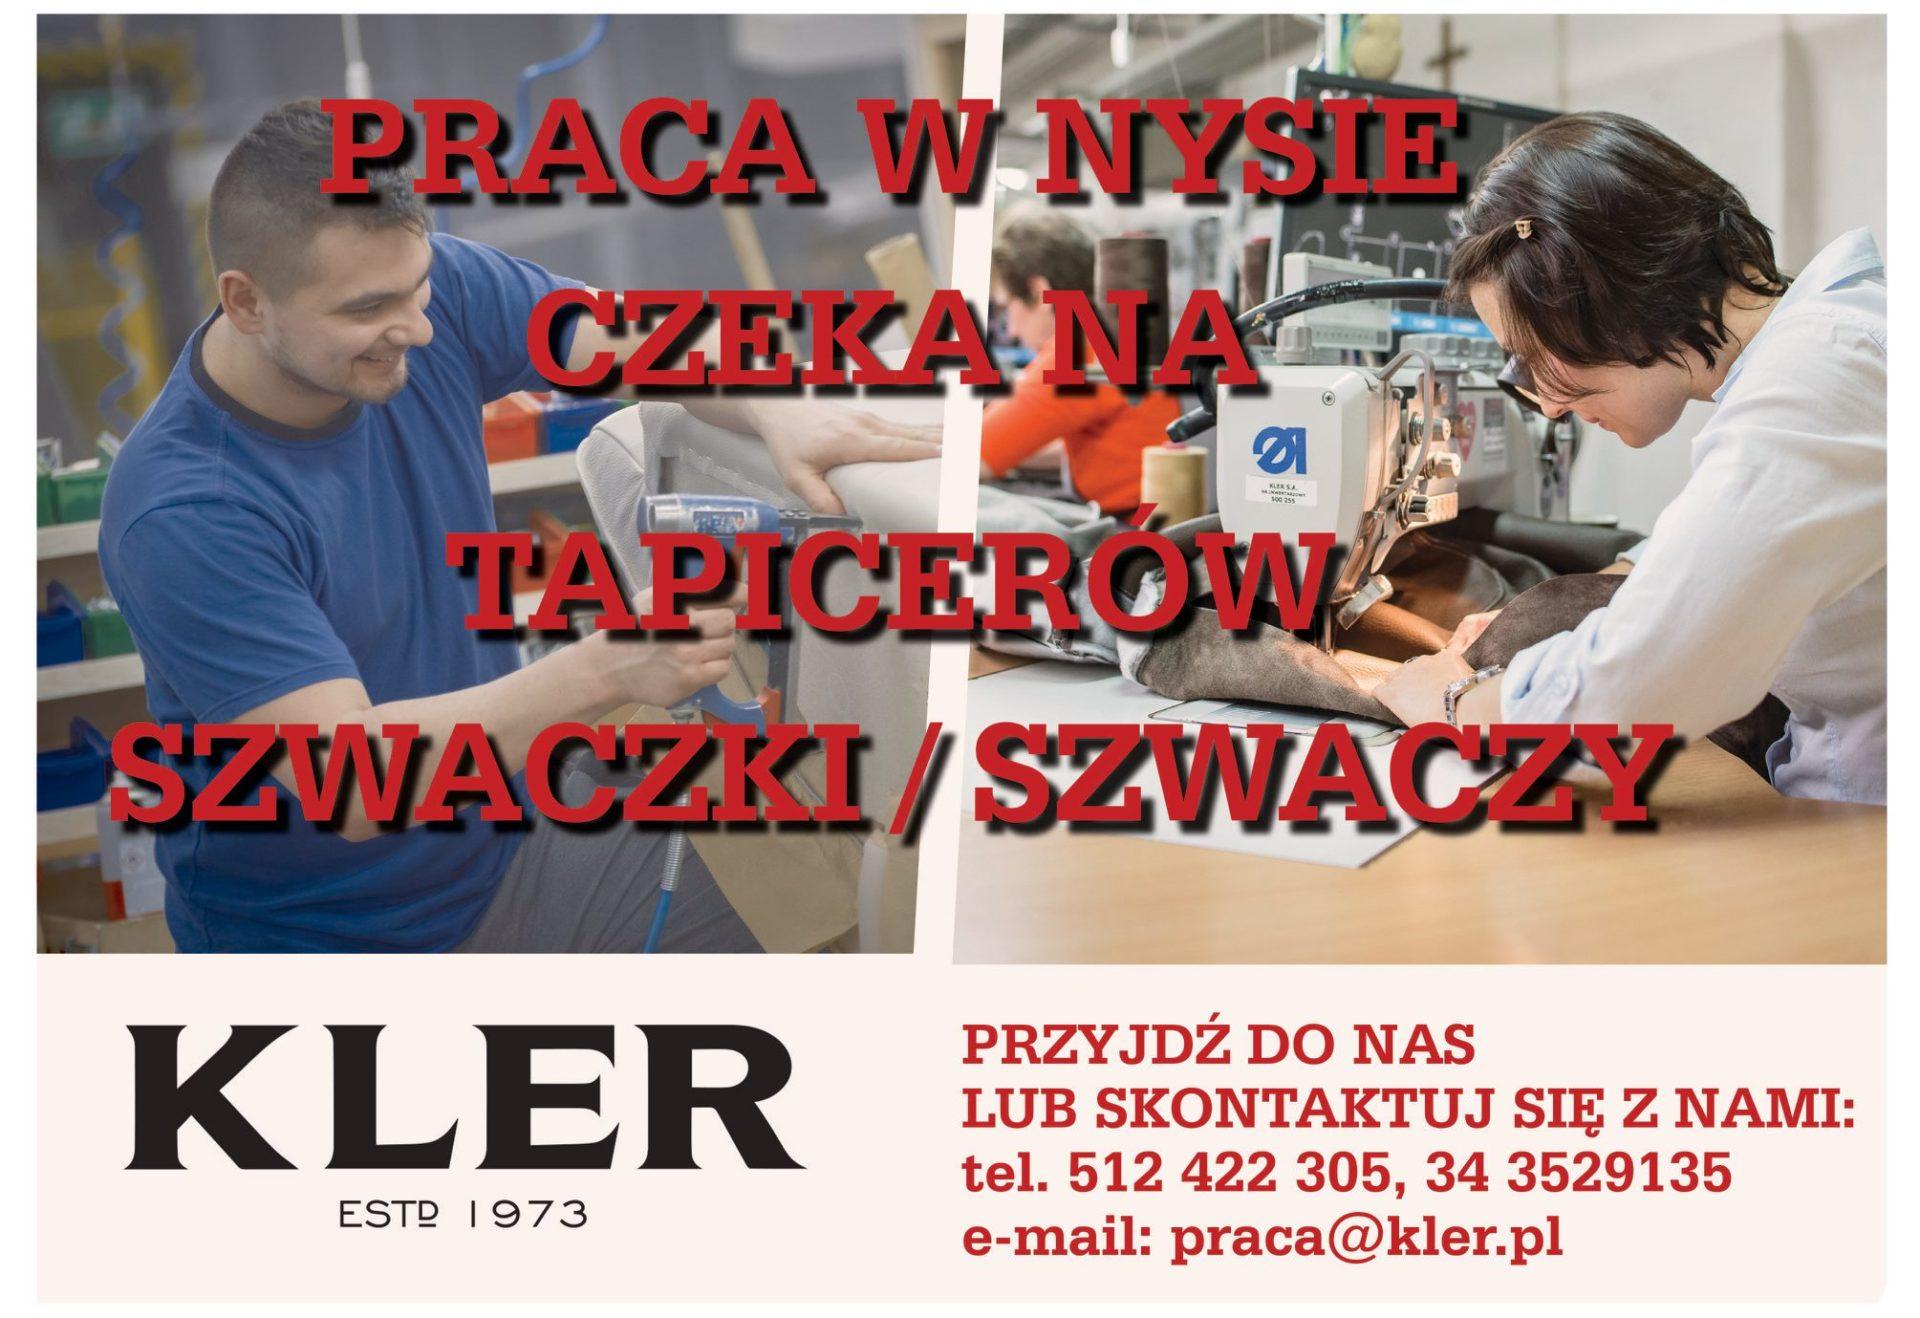 Firma KLER poszukuje pracowników